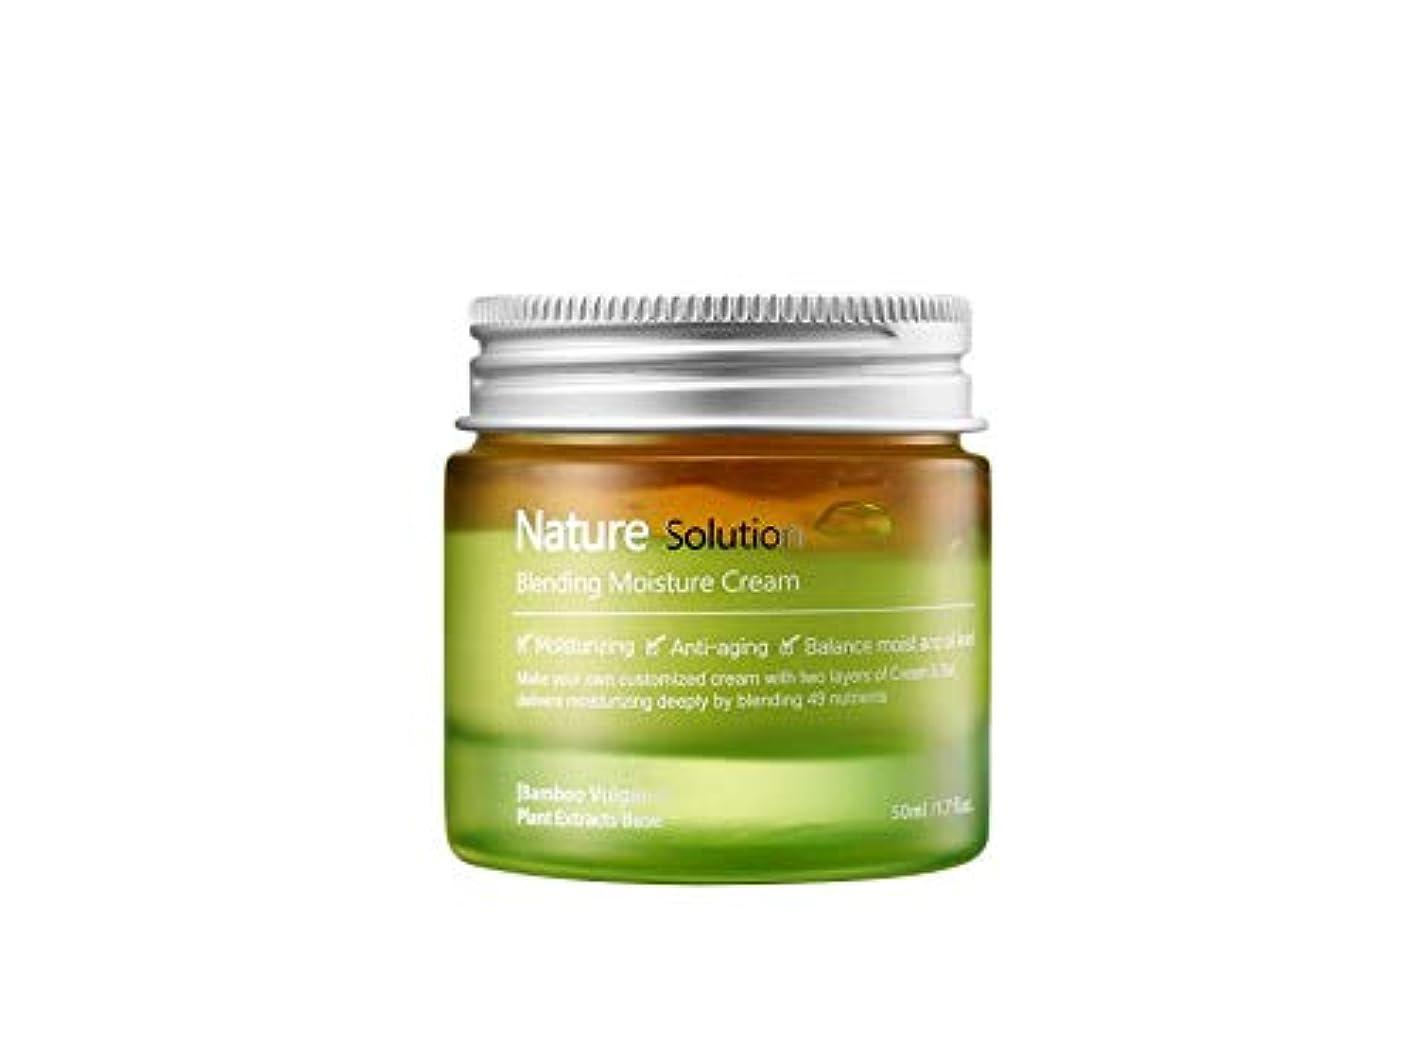 ドット間に合わせ反論[THE PLANT BASE/ザプラントベース]Nature Solution Blending Moisture Cream/ネーチャーソルーションブレンディング モイスチャークリーム